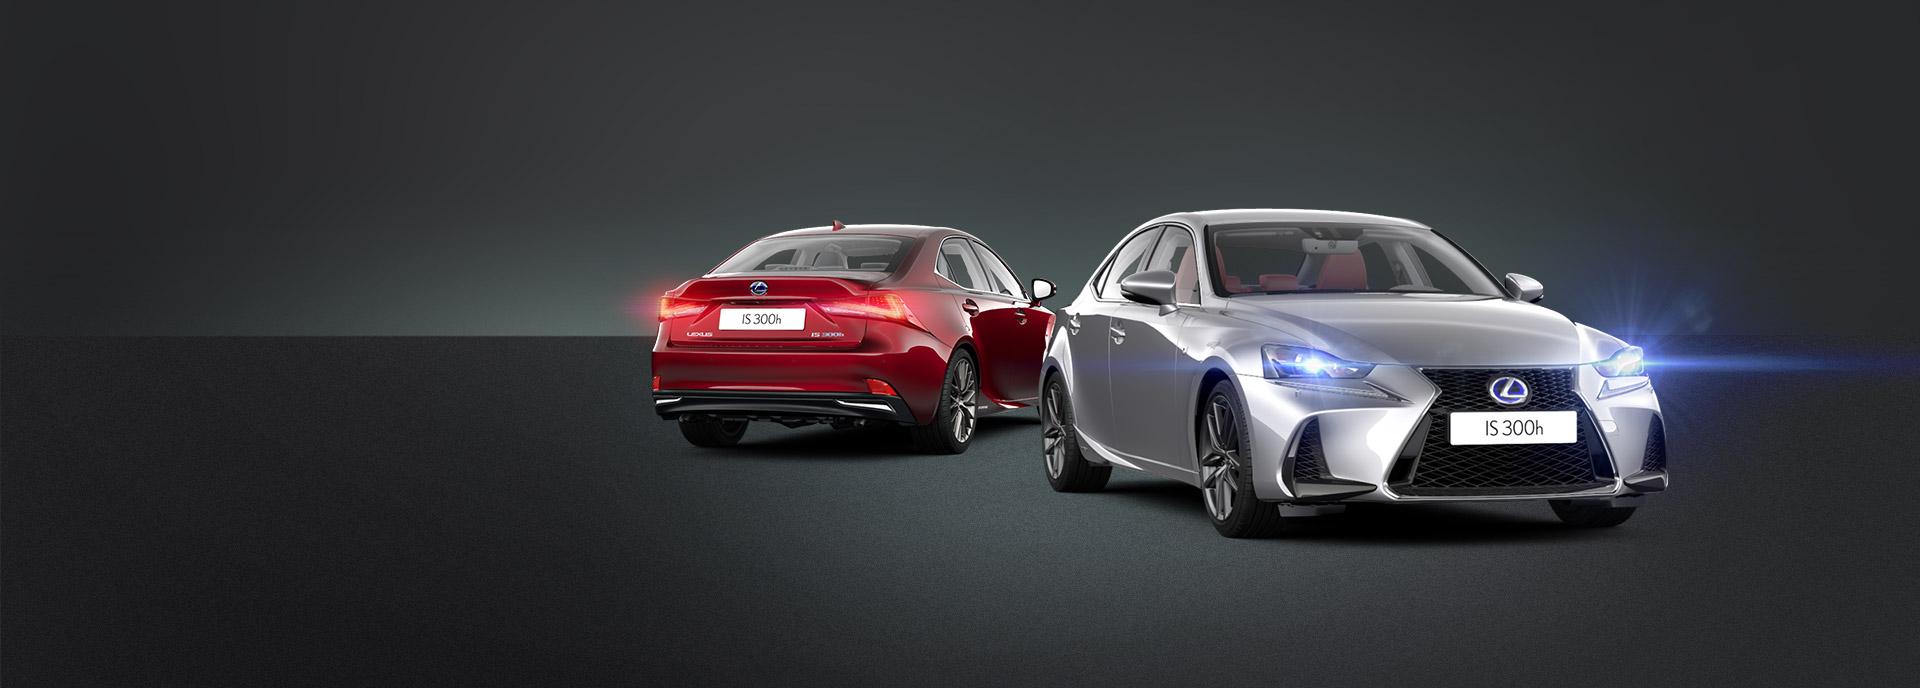 punainen ja harmaa Lexus IS 300h Hybrid